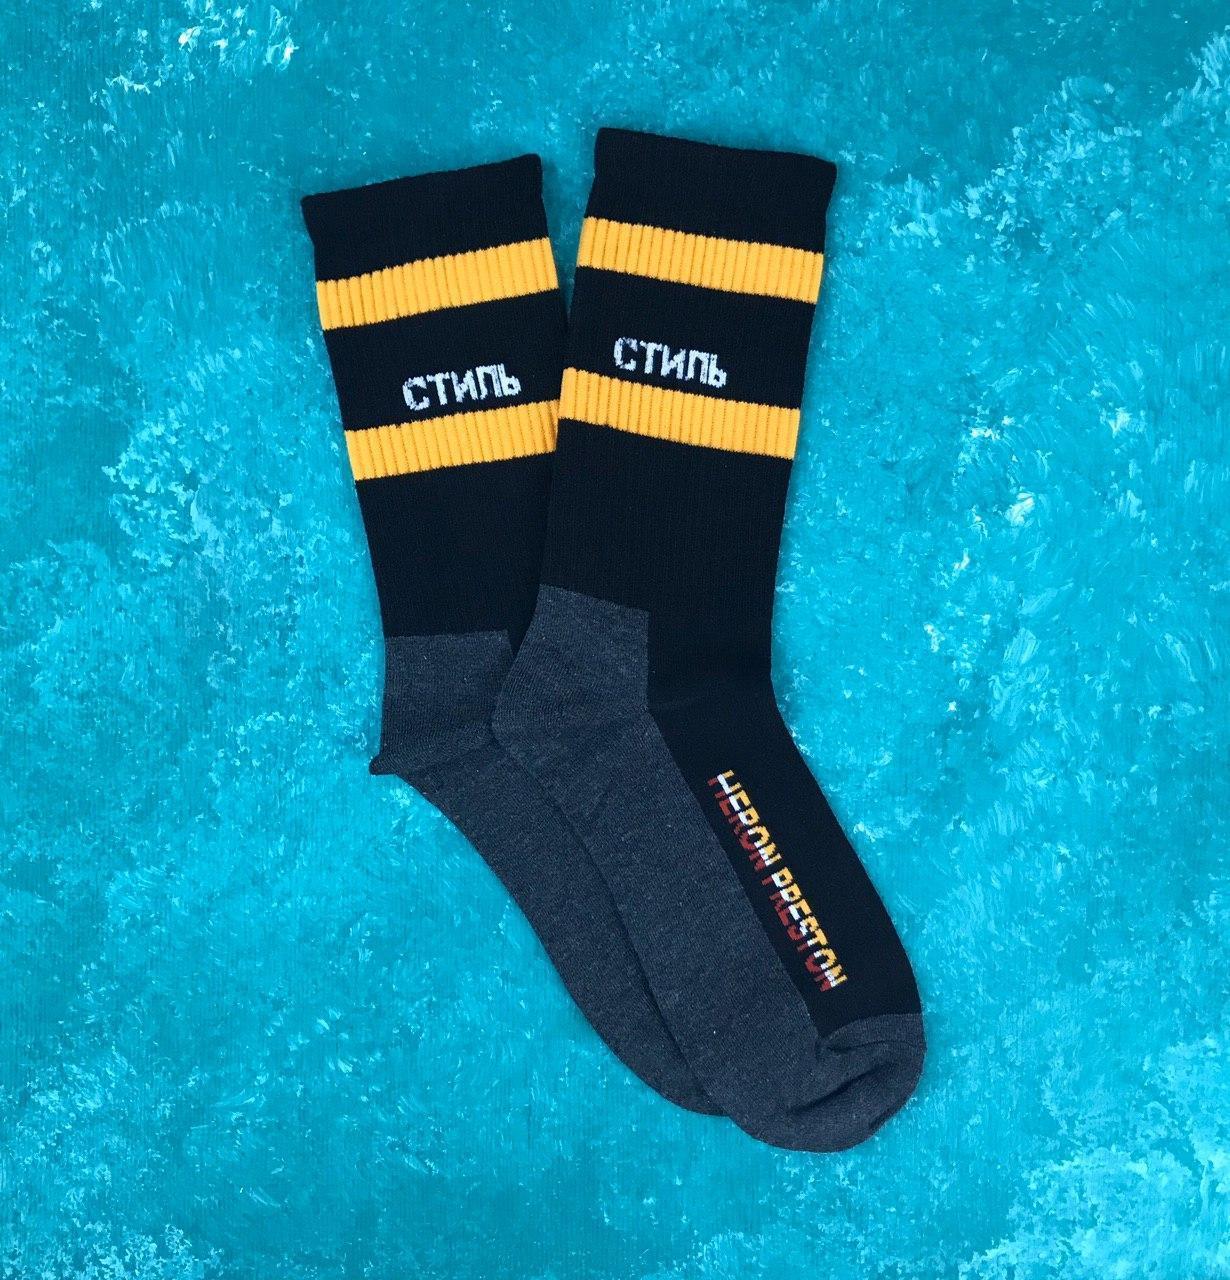 Шкарпетки Високі Жіночі Чоловічі City-A Гоша Рубчинський Стиль Heron Preston Чорні 37-42